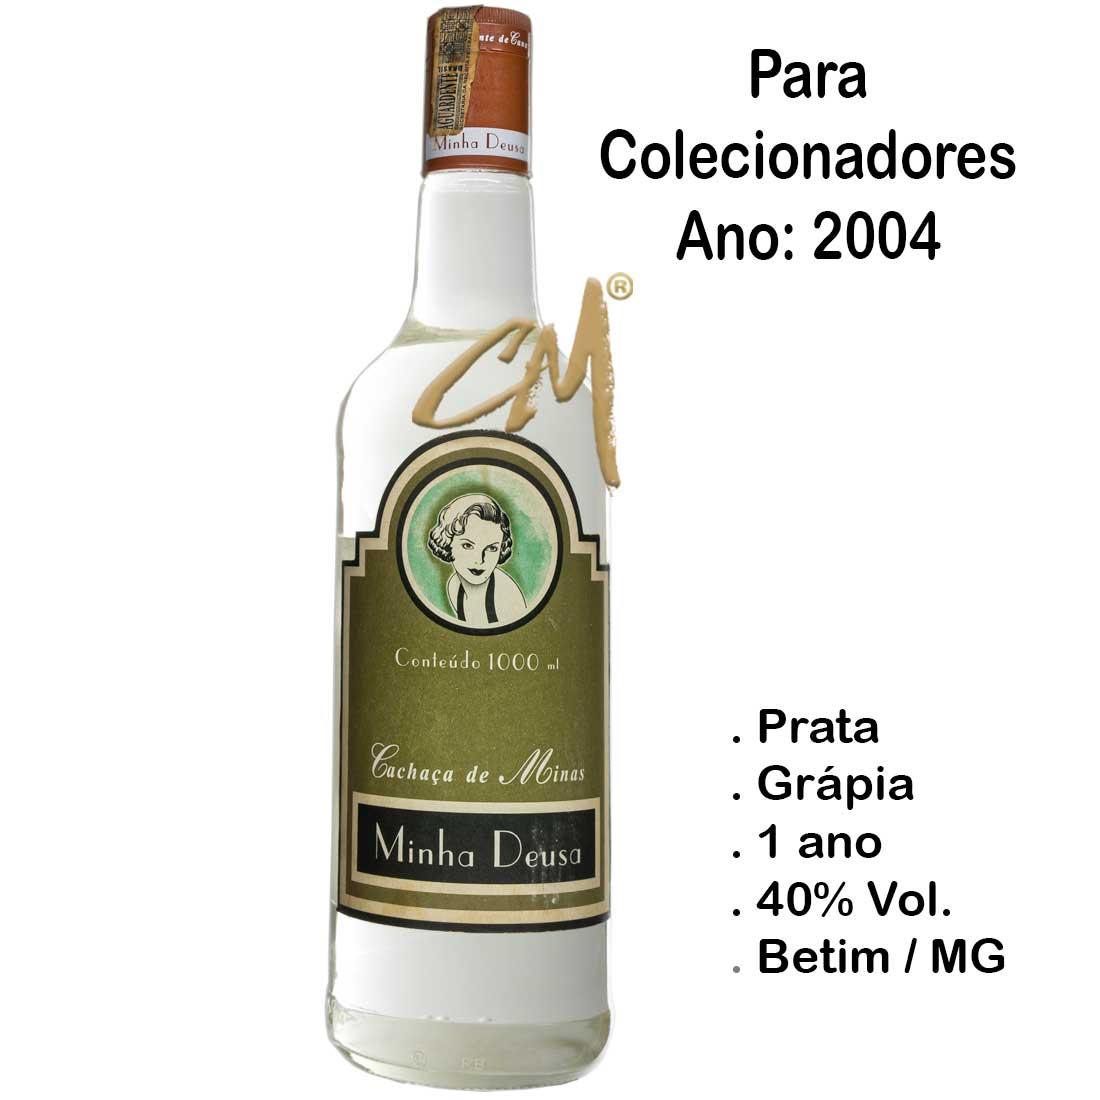 Cachaça Minha Deusa 2004 980 ml (Vianópolis - MG) - Coleção